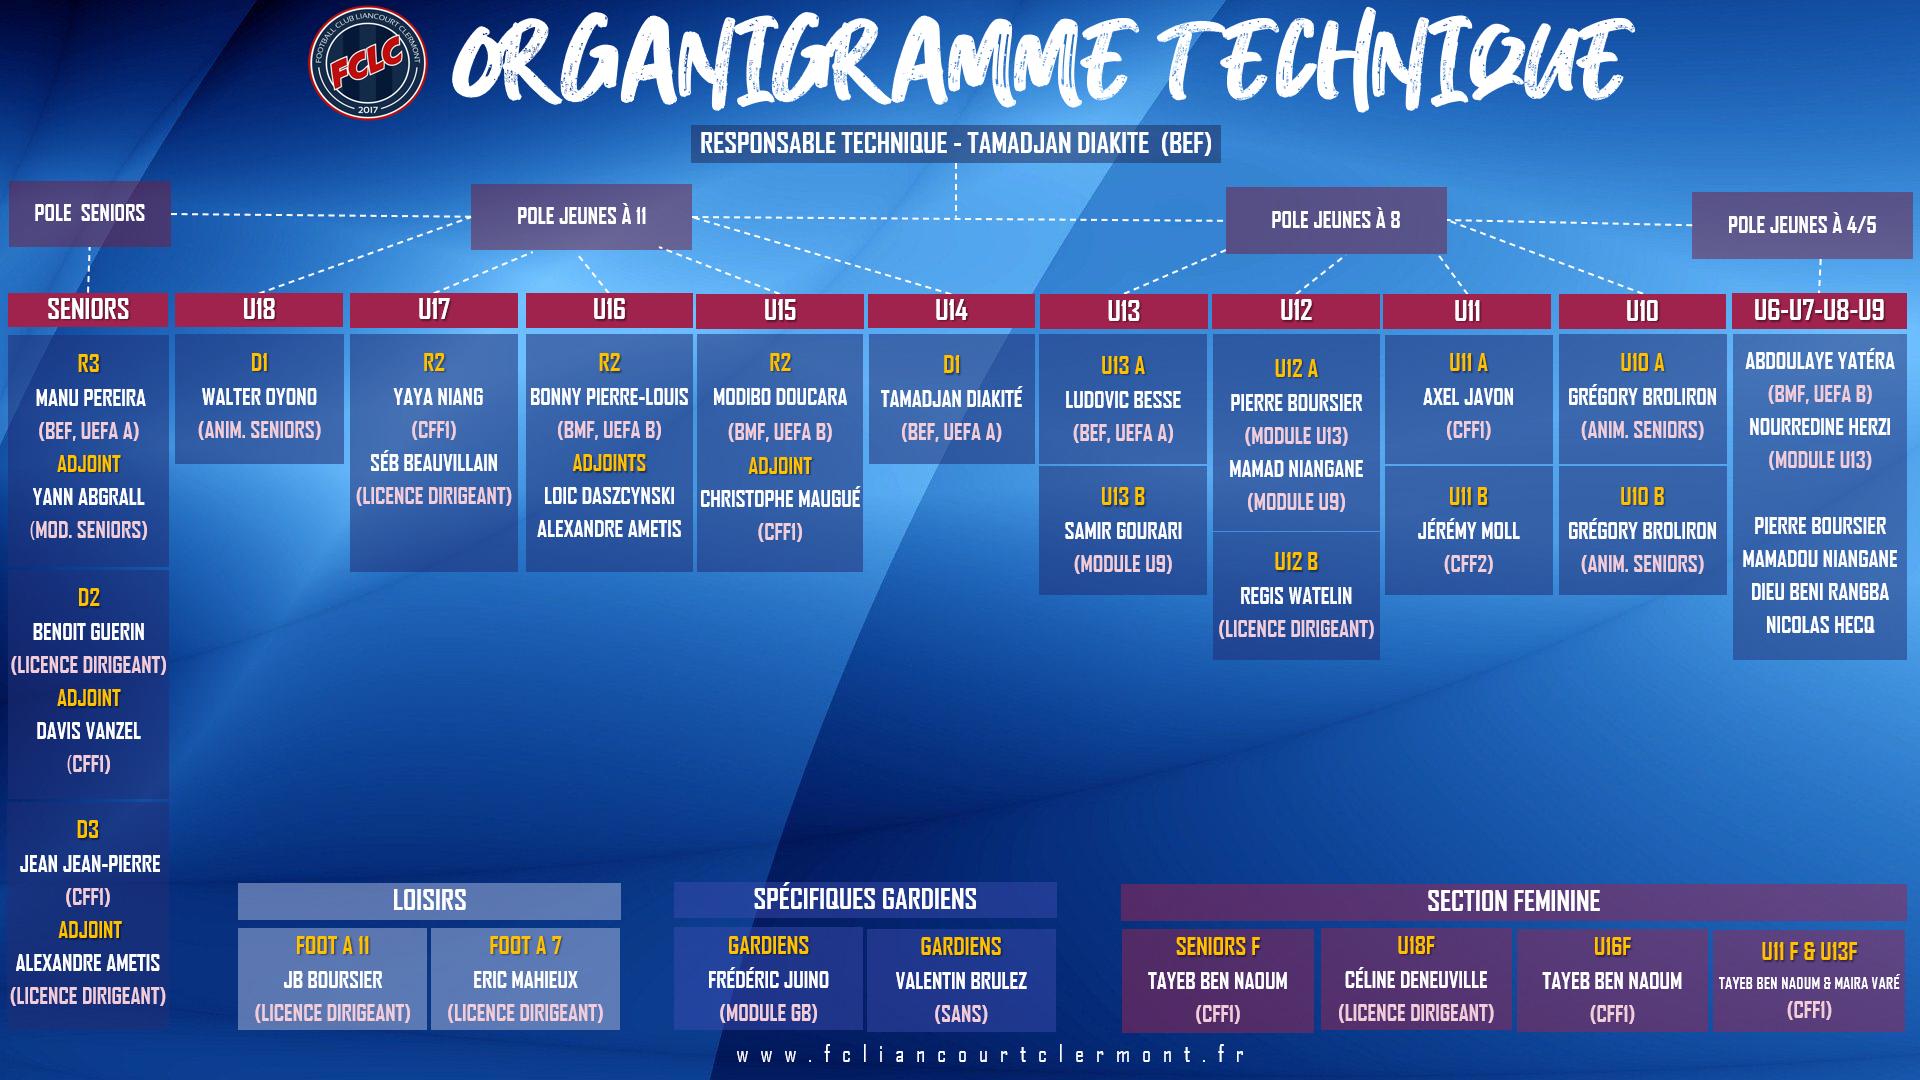 Organigramme tech